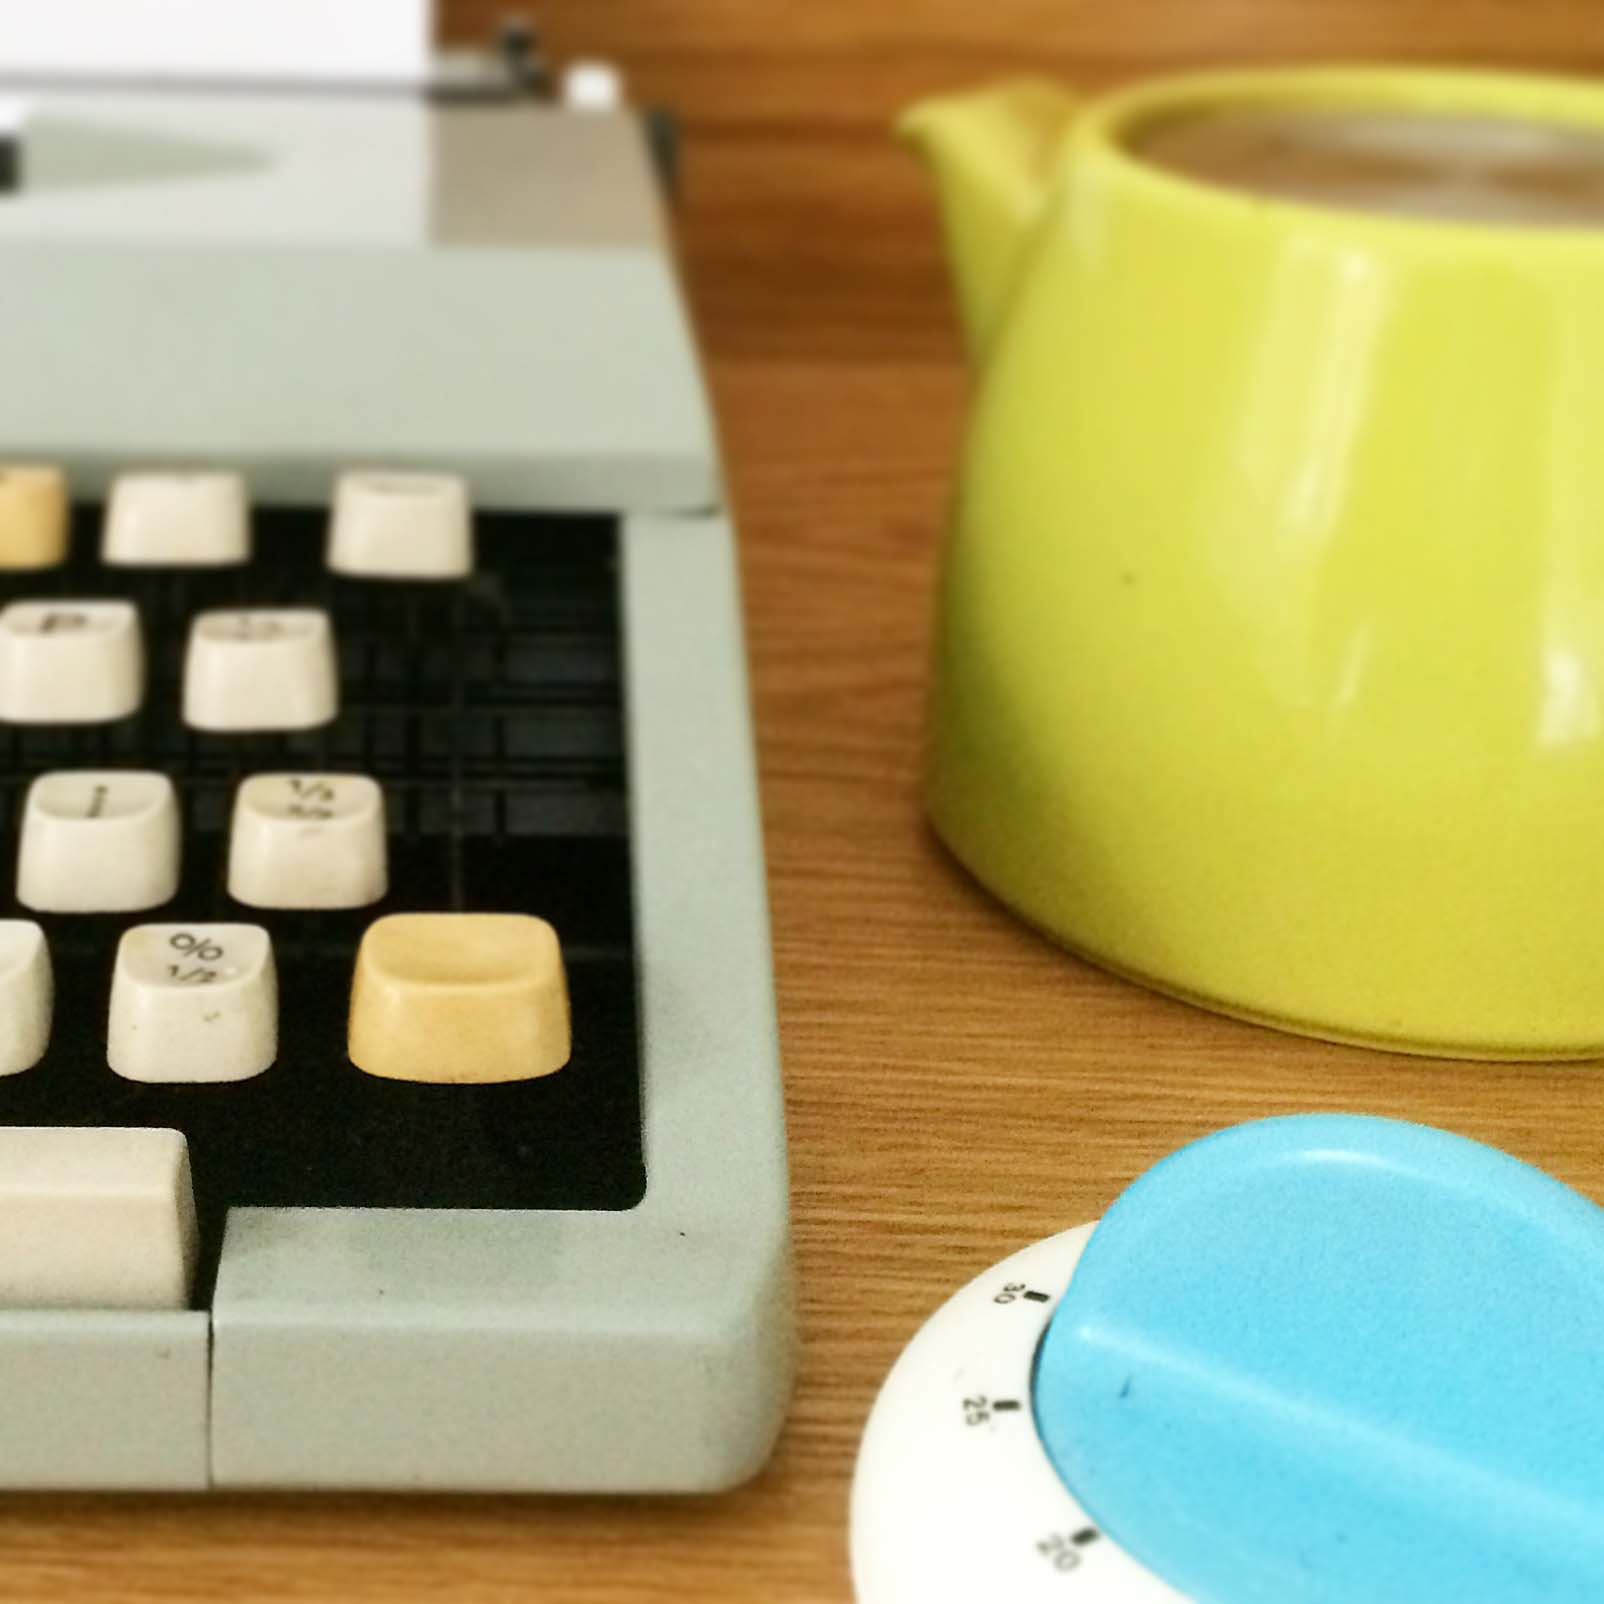 Typewriter, teapot and timer